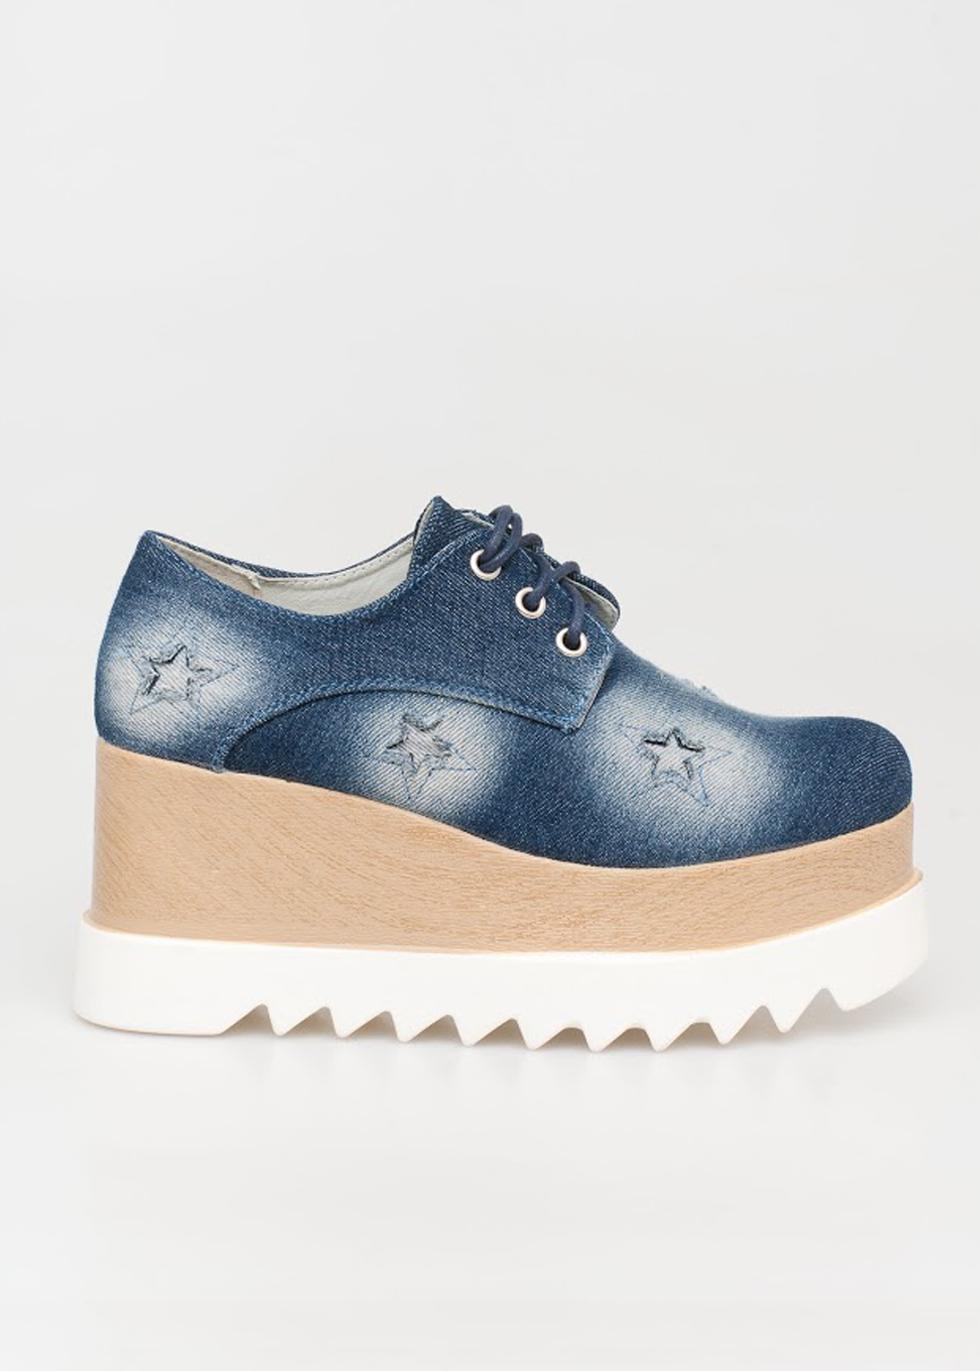 Clara flatform, jean (dark) παπούτσια